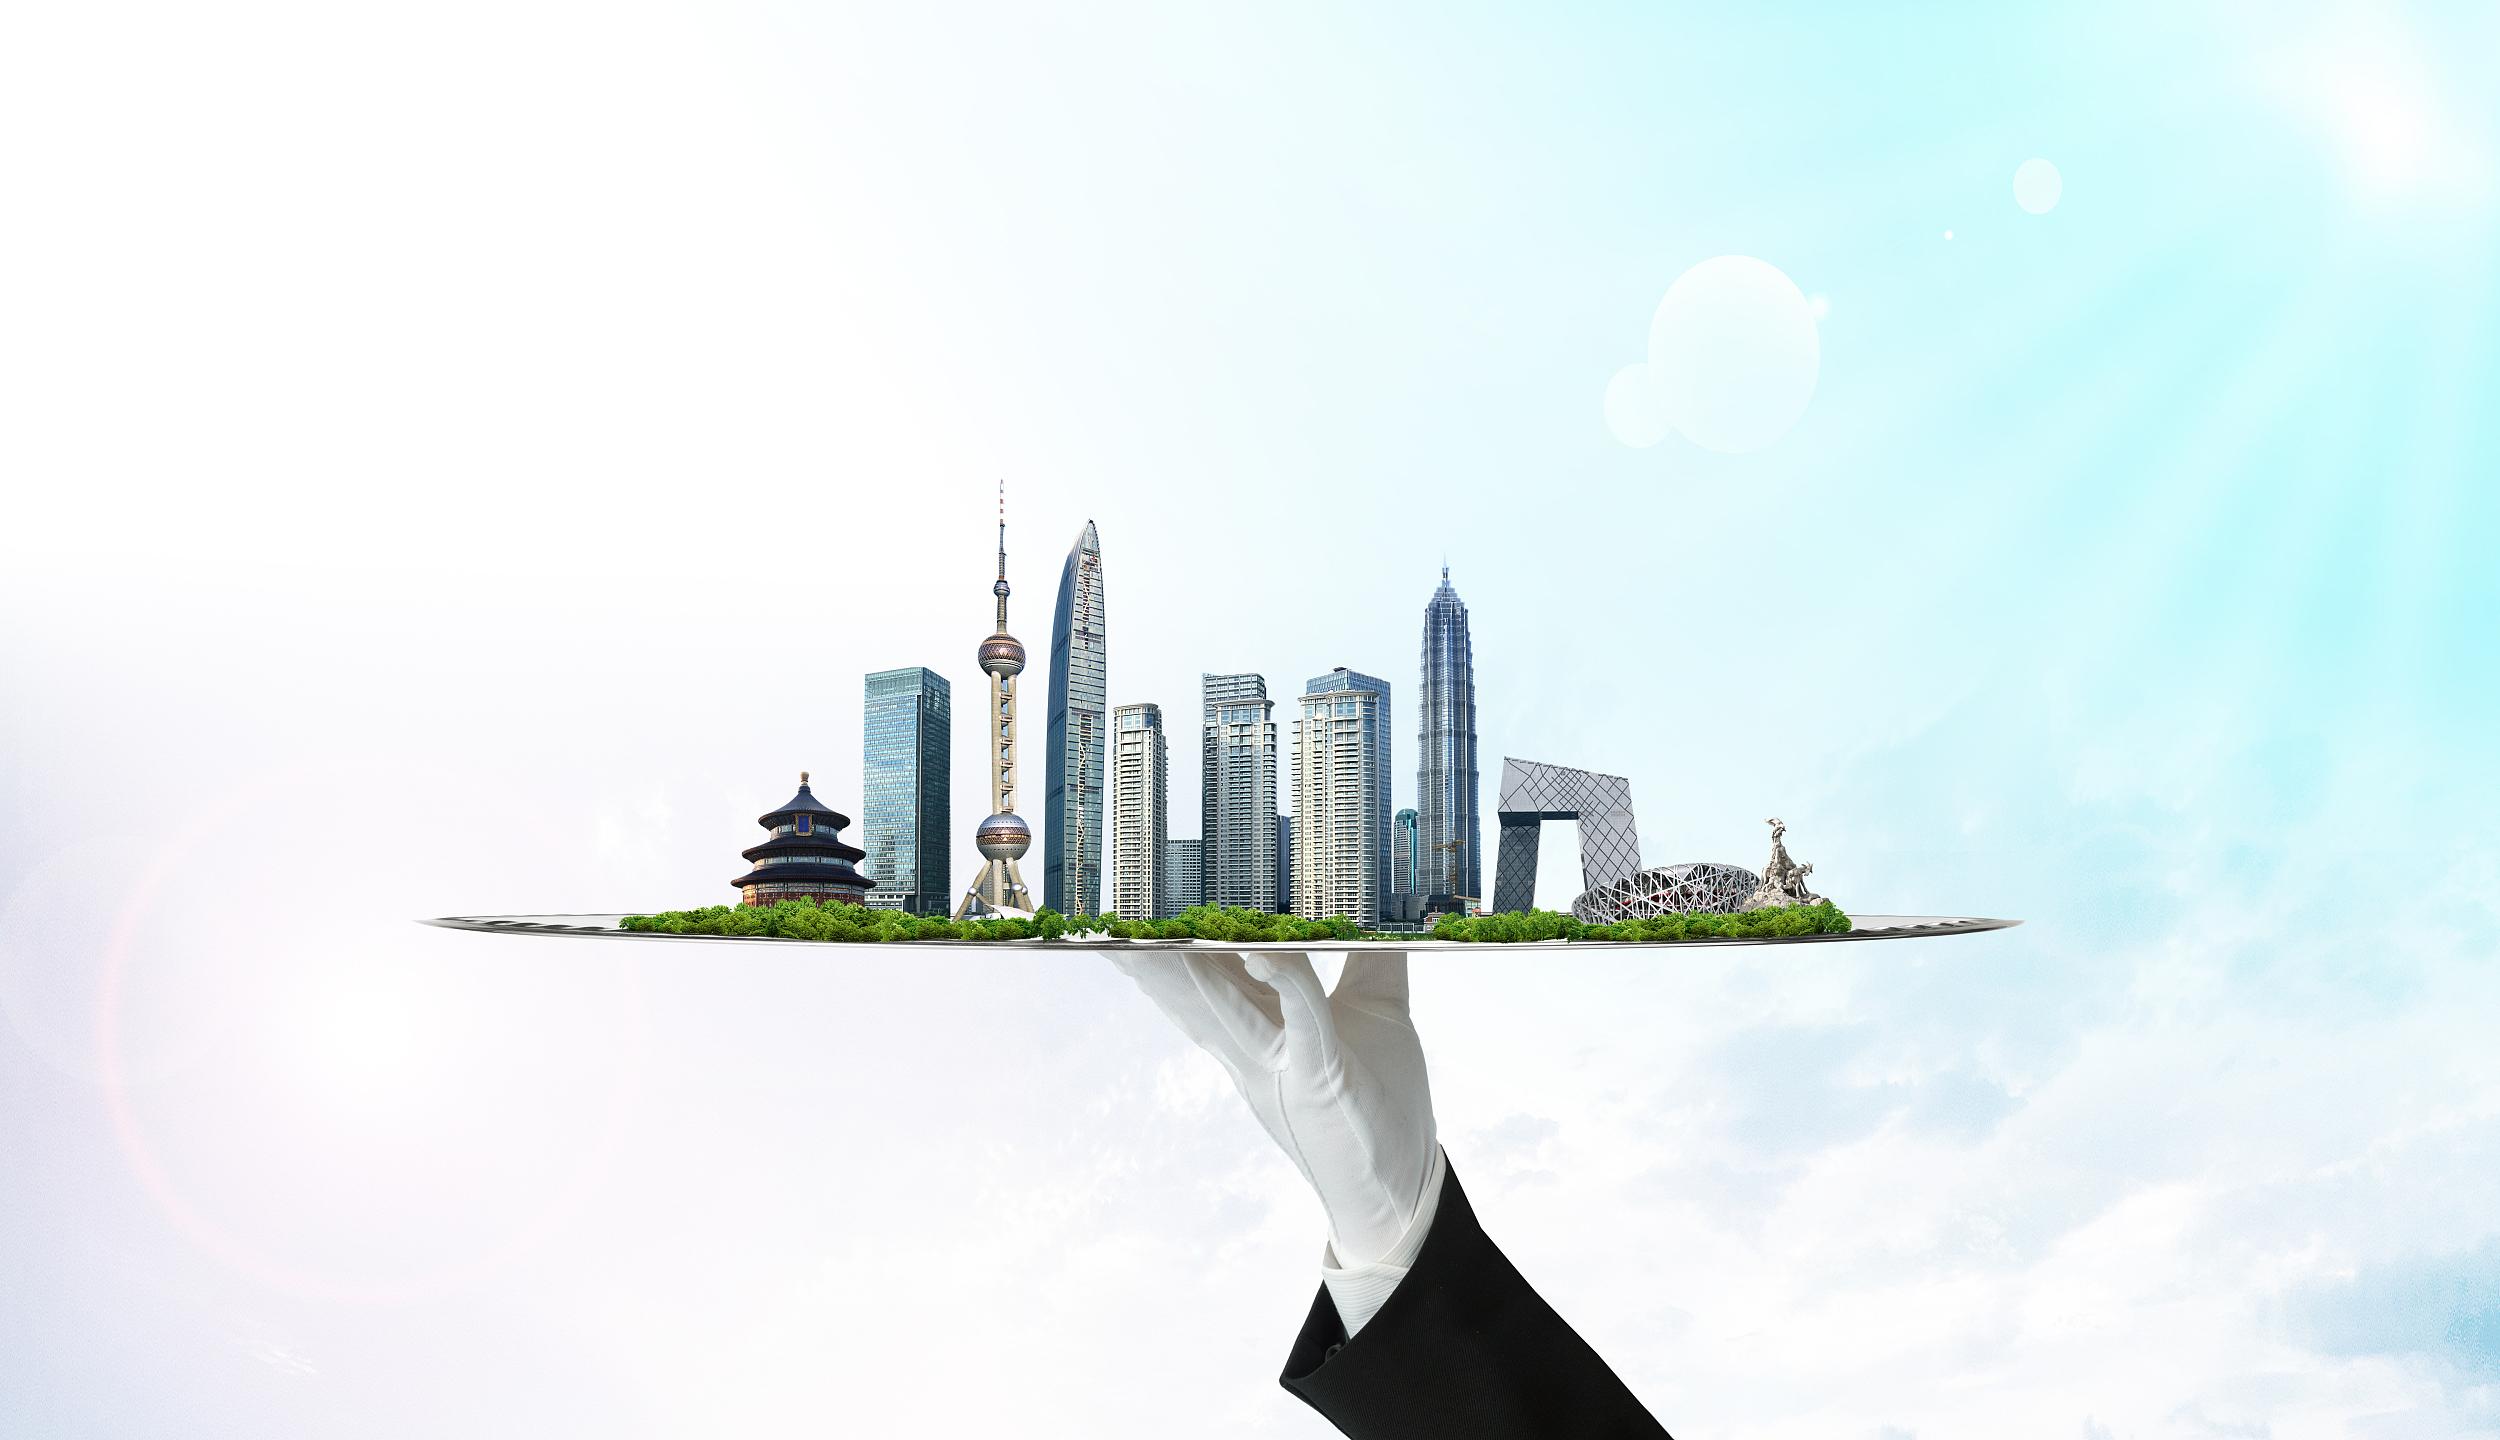 物业管理行业并购潮来临 规模争夺将成重头戏